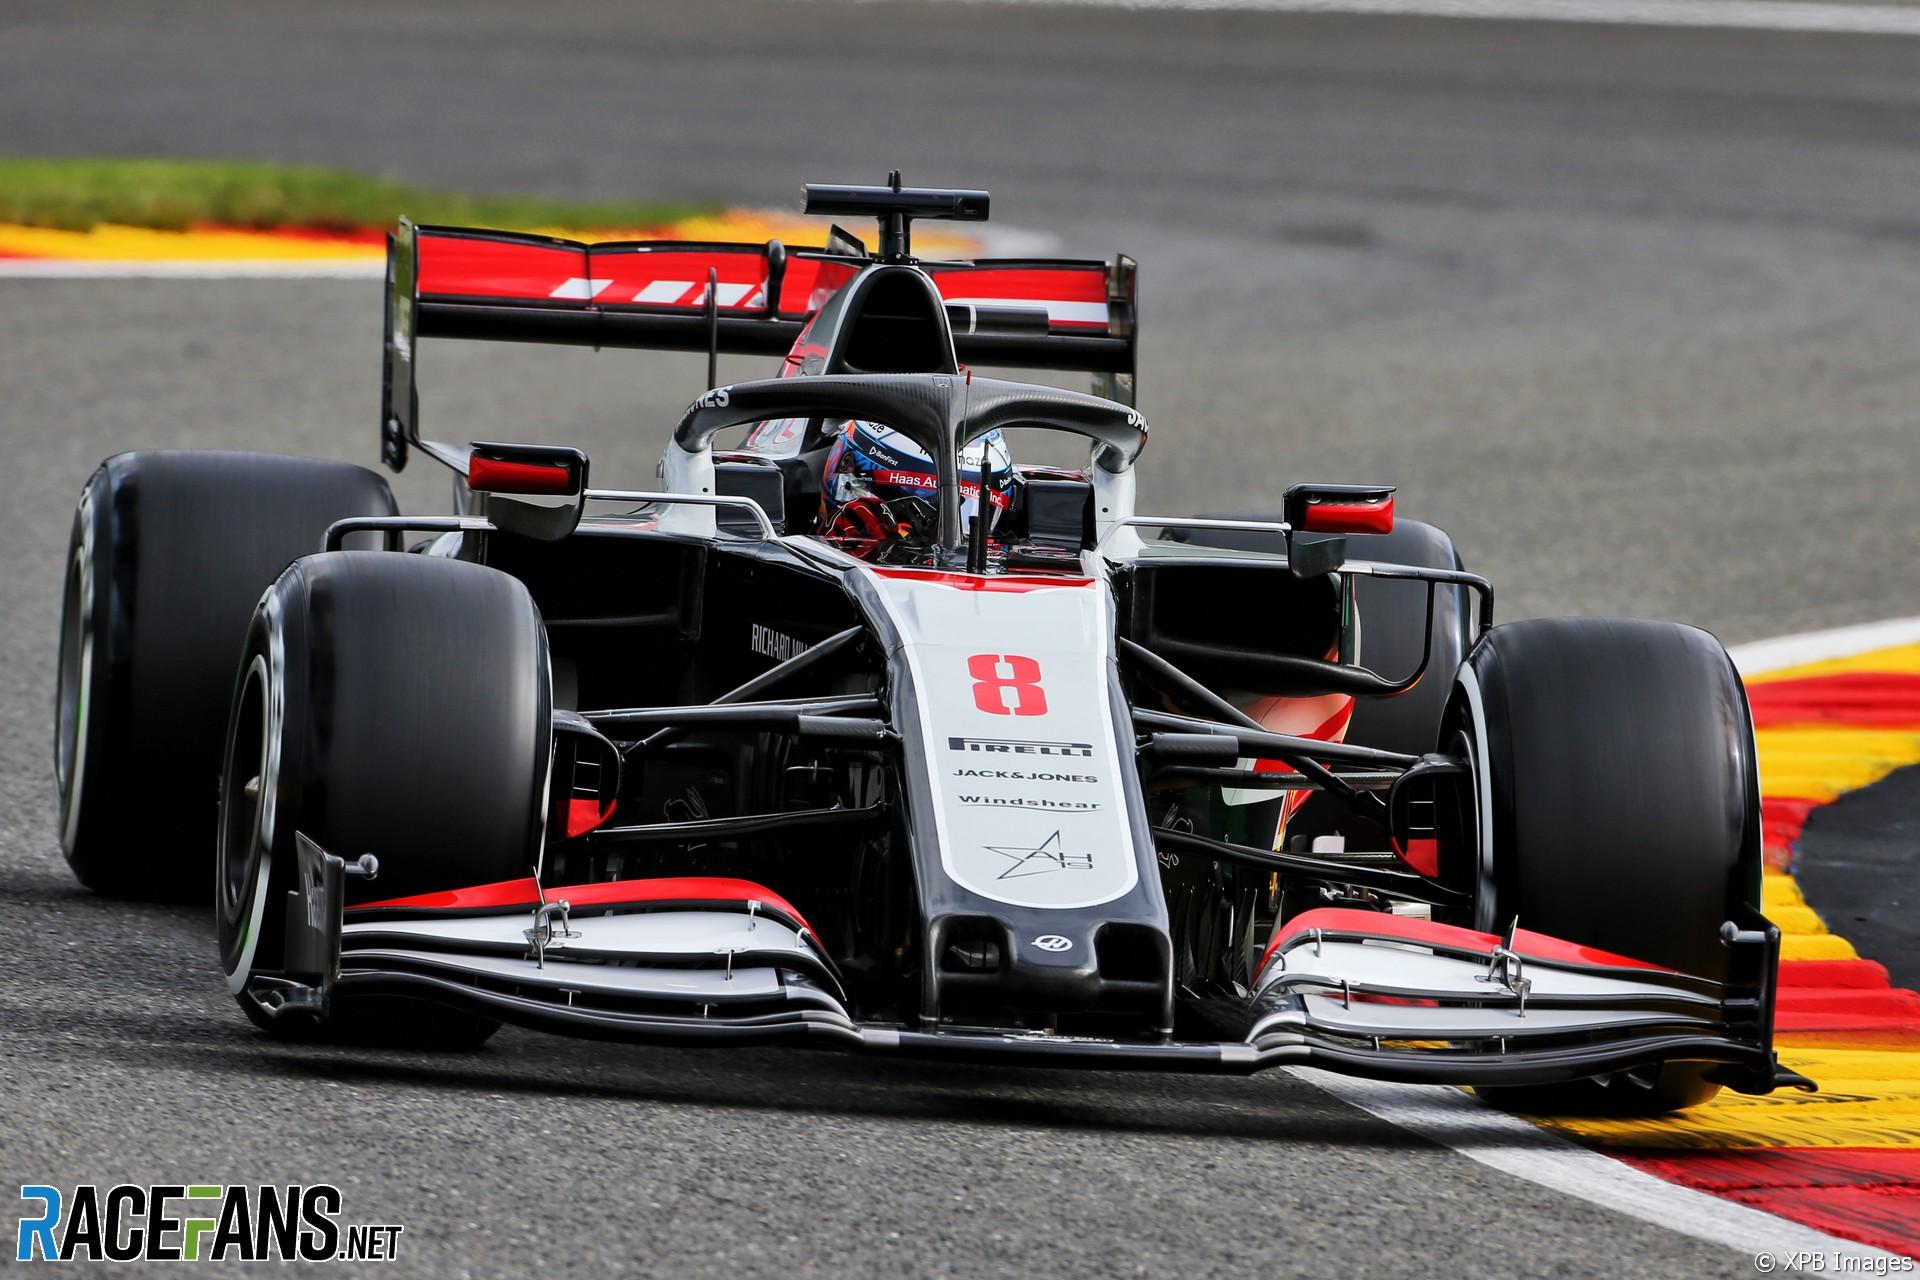 Romain Grosjean, Haas, Spa-Francorchamps, 2020